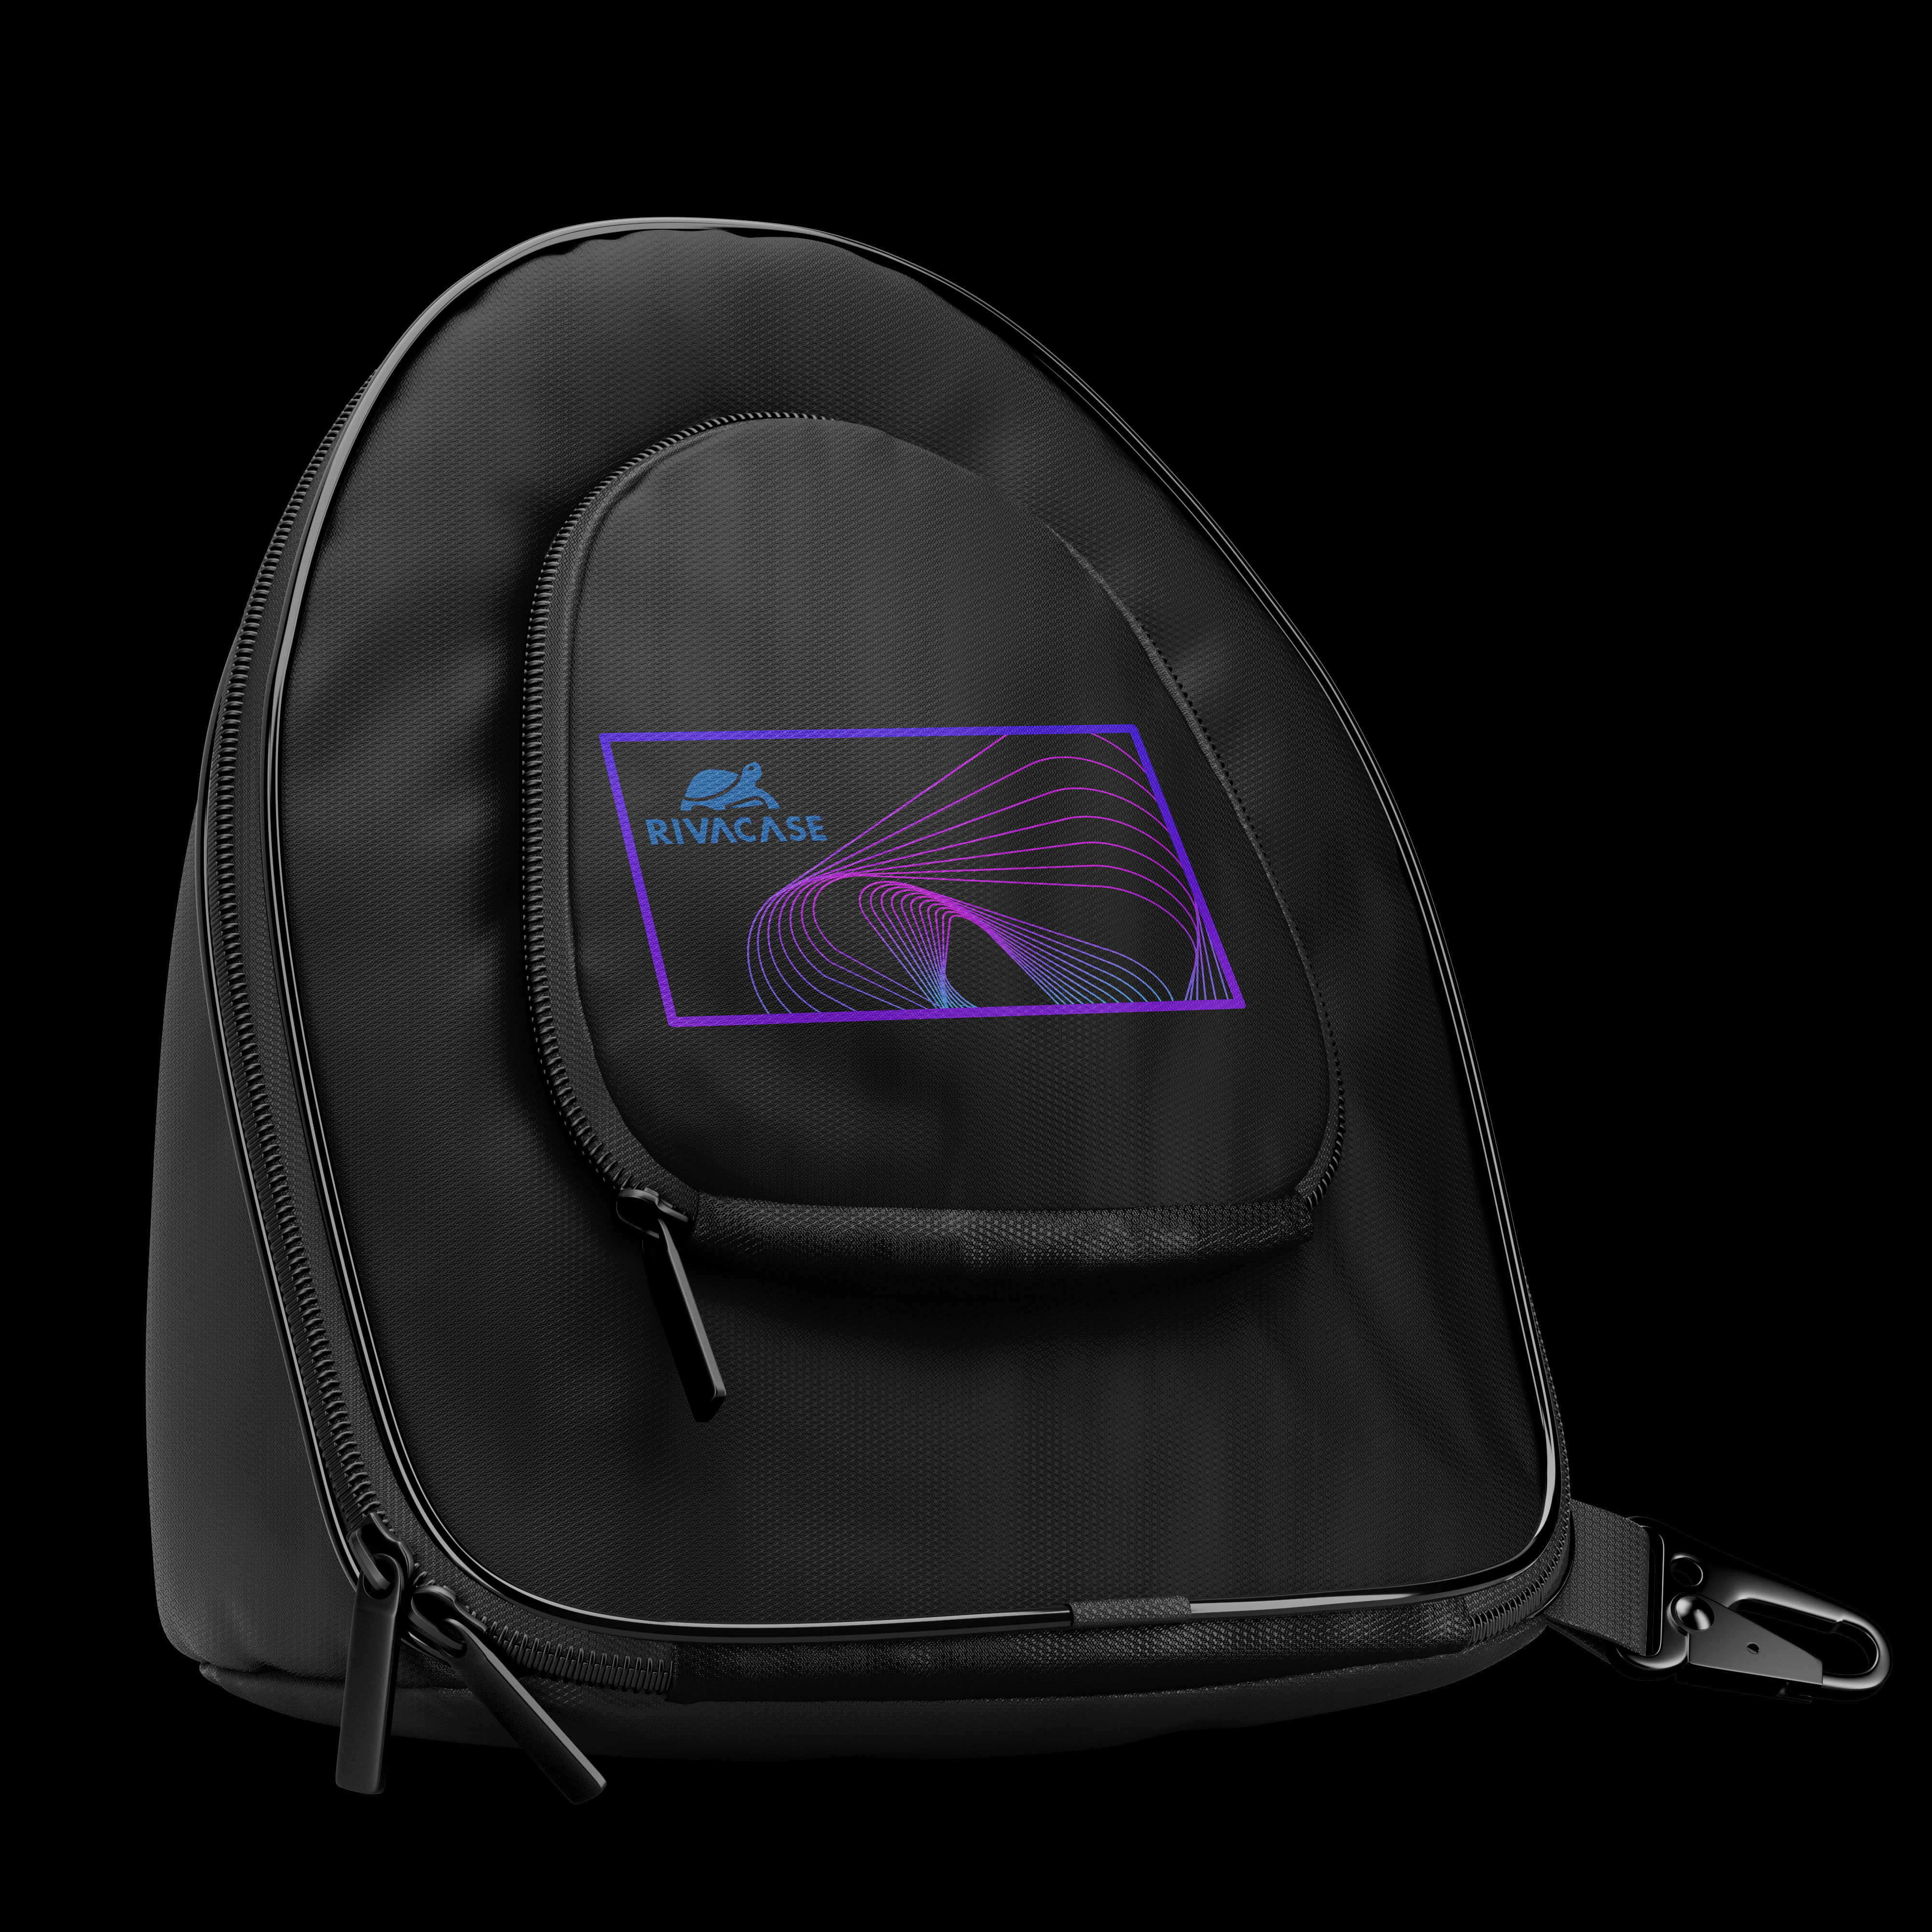 Конкурс на создание оригинального принта для рюкзаков фото f_5365f8473c34fe6c.jpg